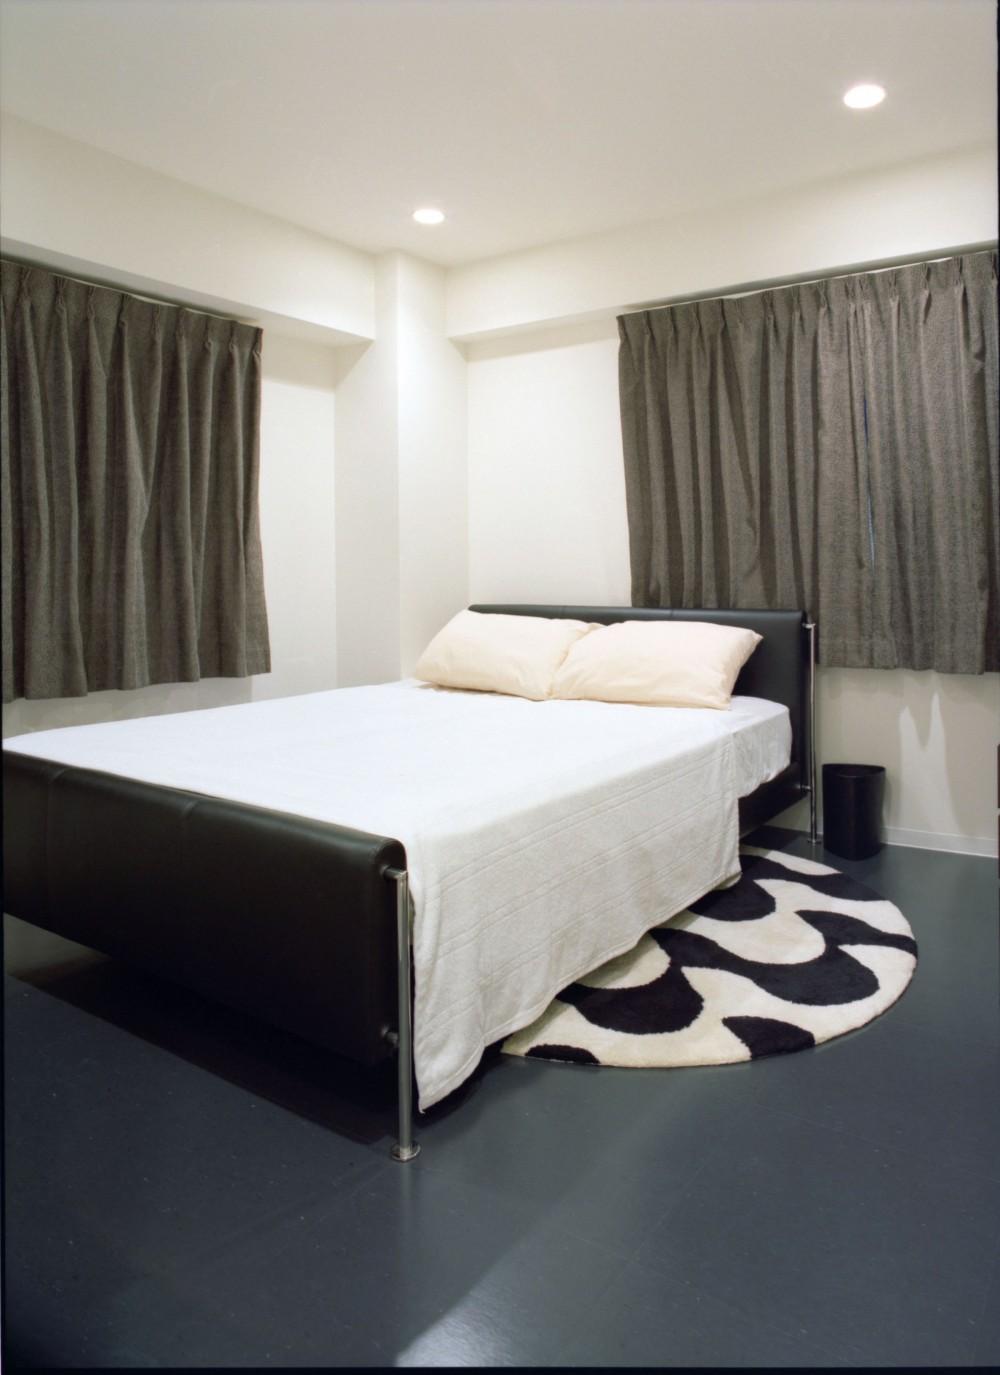 岡崎のマンション – 斜めに切り取られた和室が空間の可能性を広げる – (寝室)